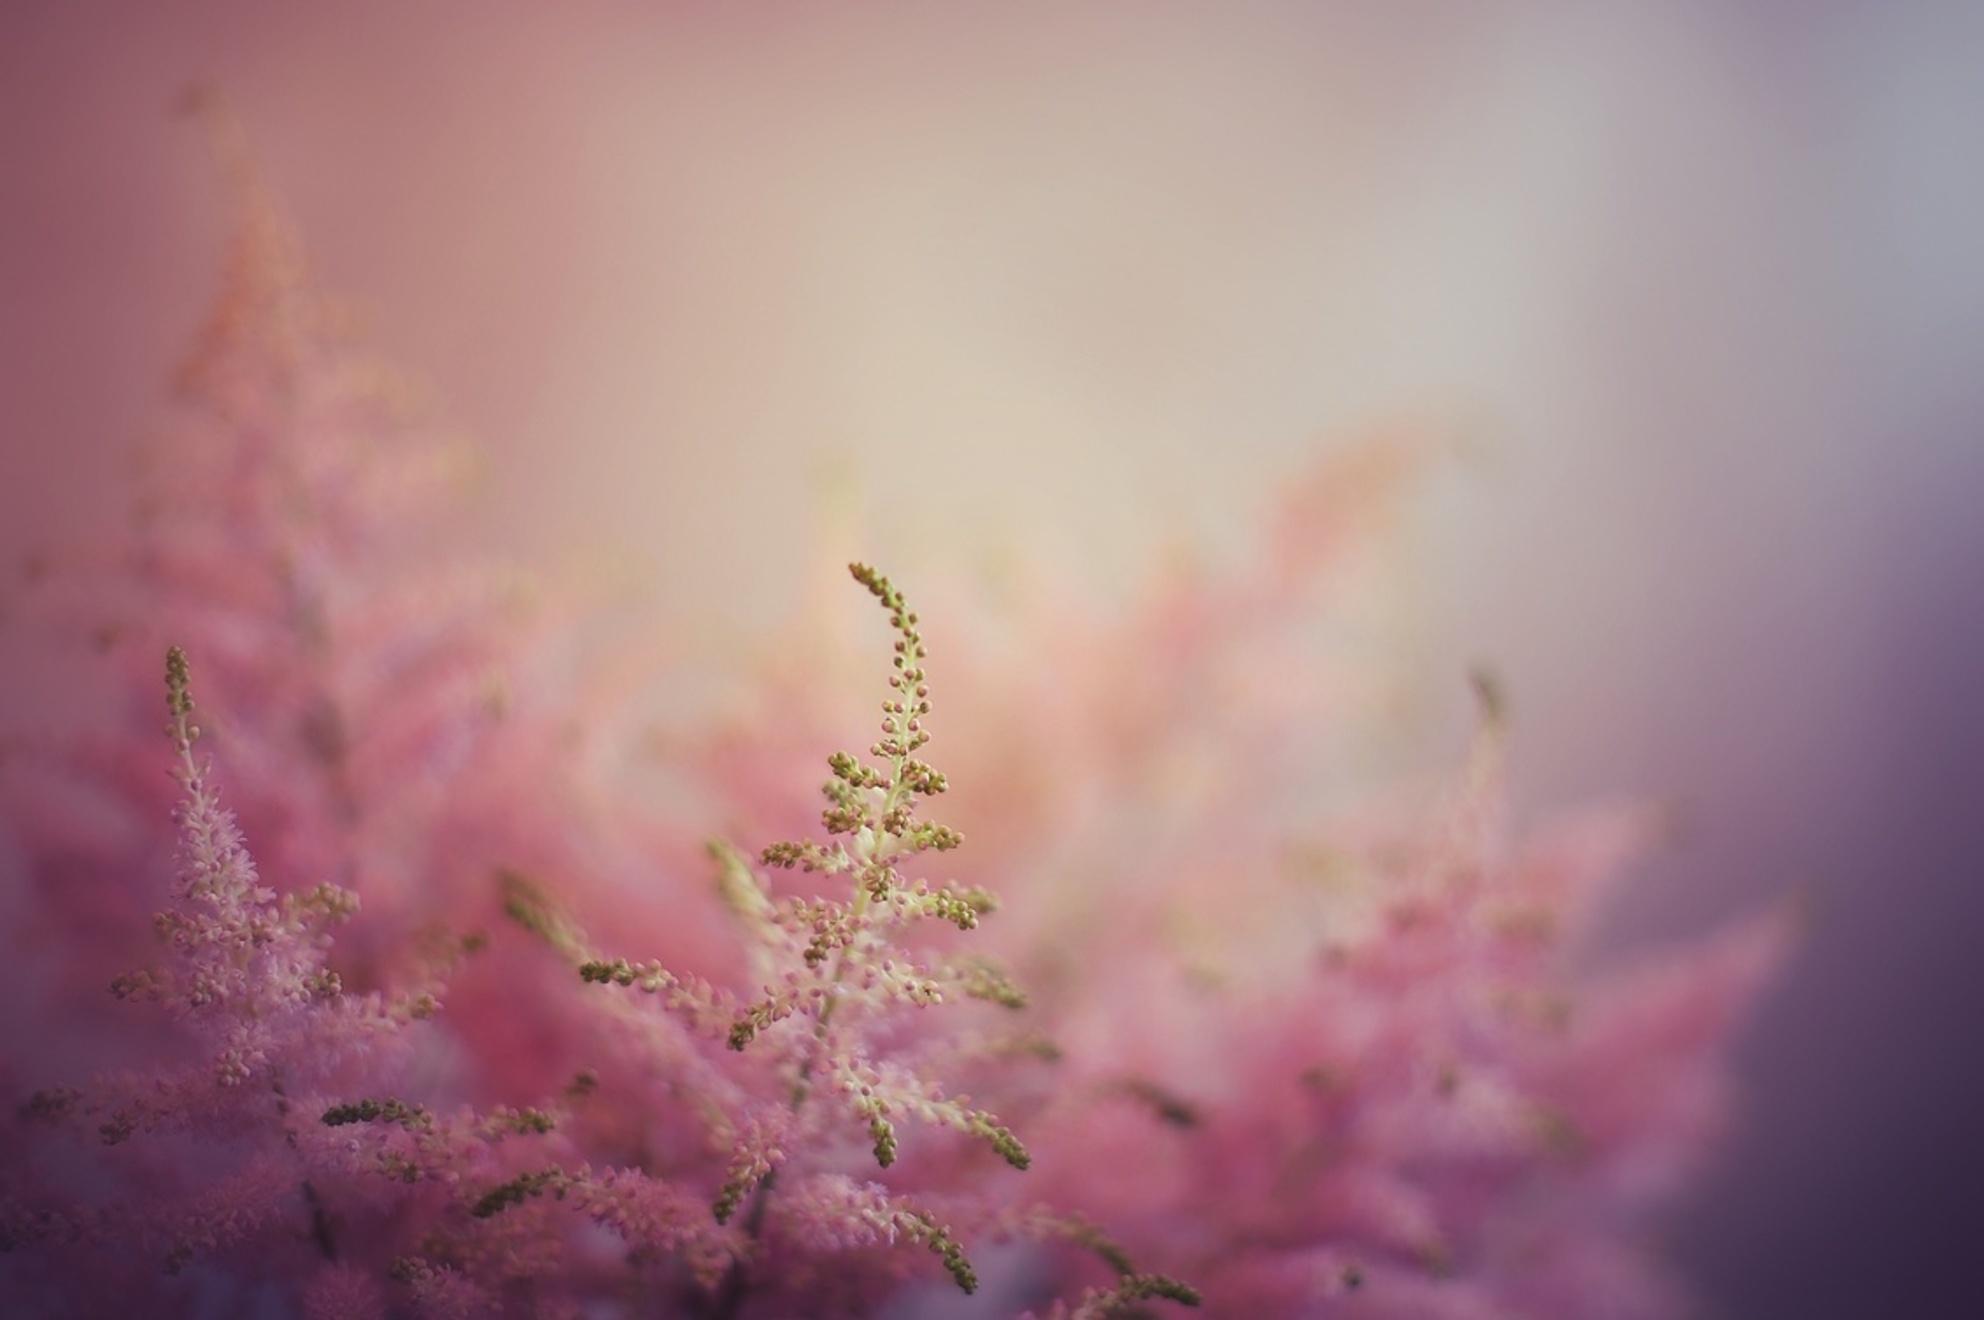 Pretty in Pink - - - foto door Stilting op 06-01-2016 - deze foto bevat: roze, paars, macro, blauw, bloem, natuur, tuin, dof, bokeh - Deze foto mag gebruikt worden in een Zoom.nl publicatie